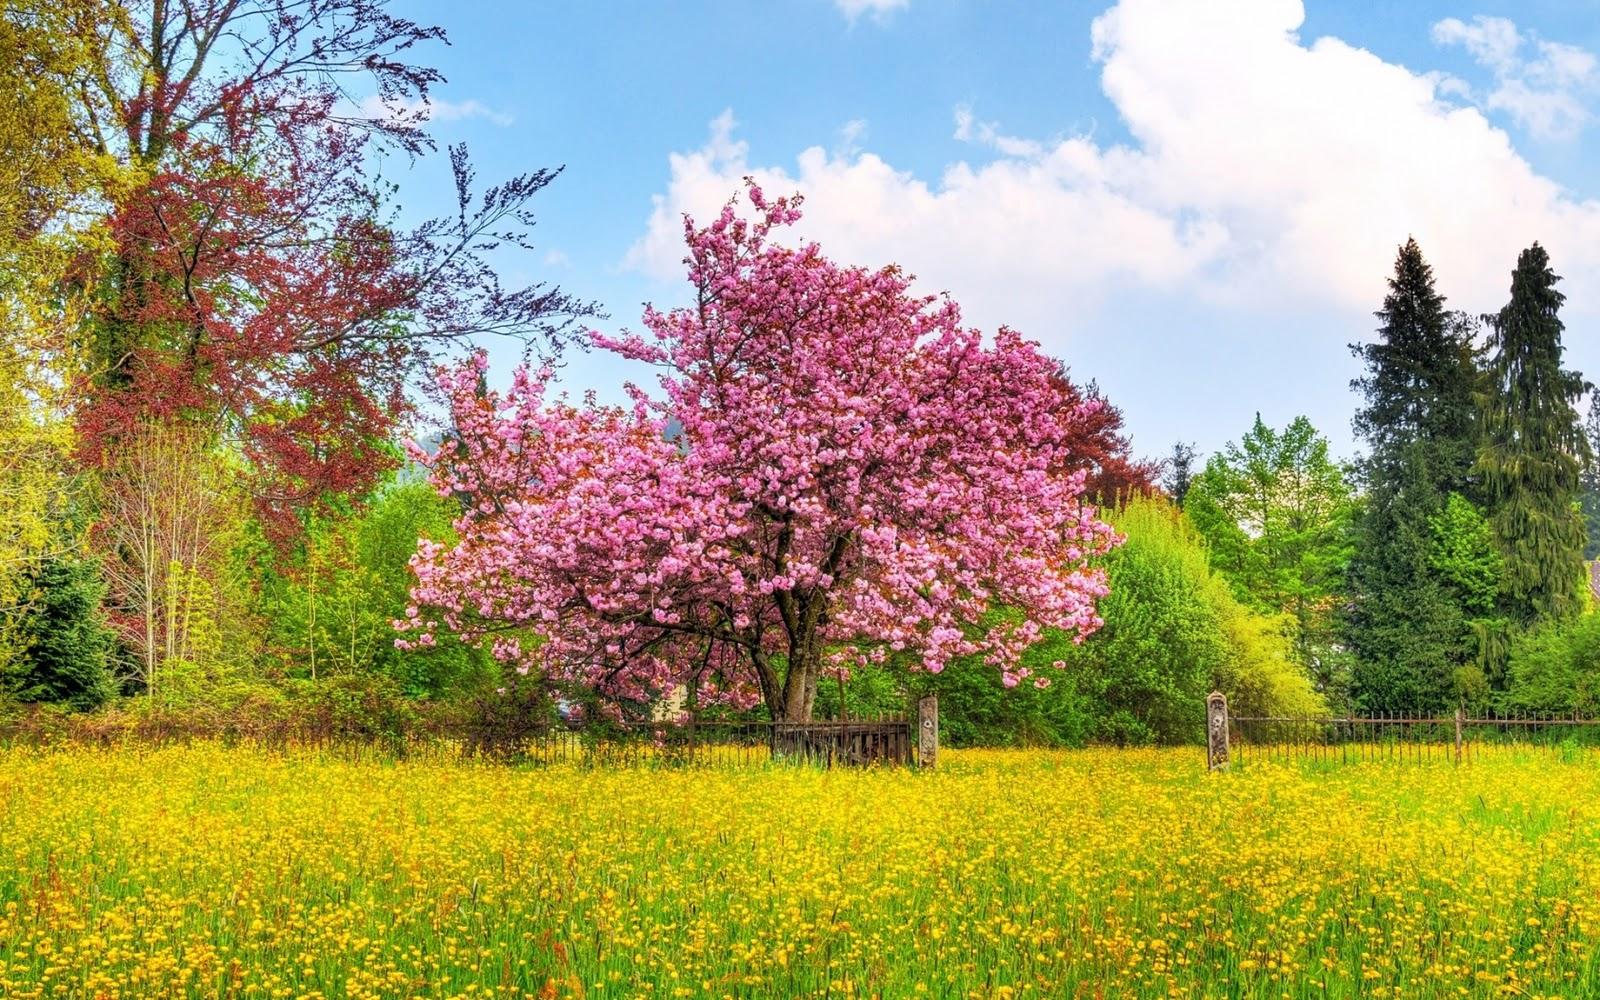 lente achtergronden hd - photo #22